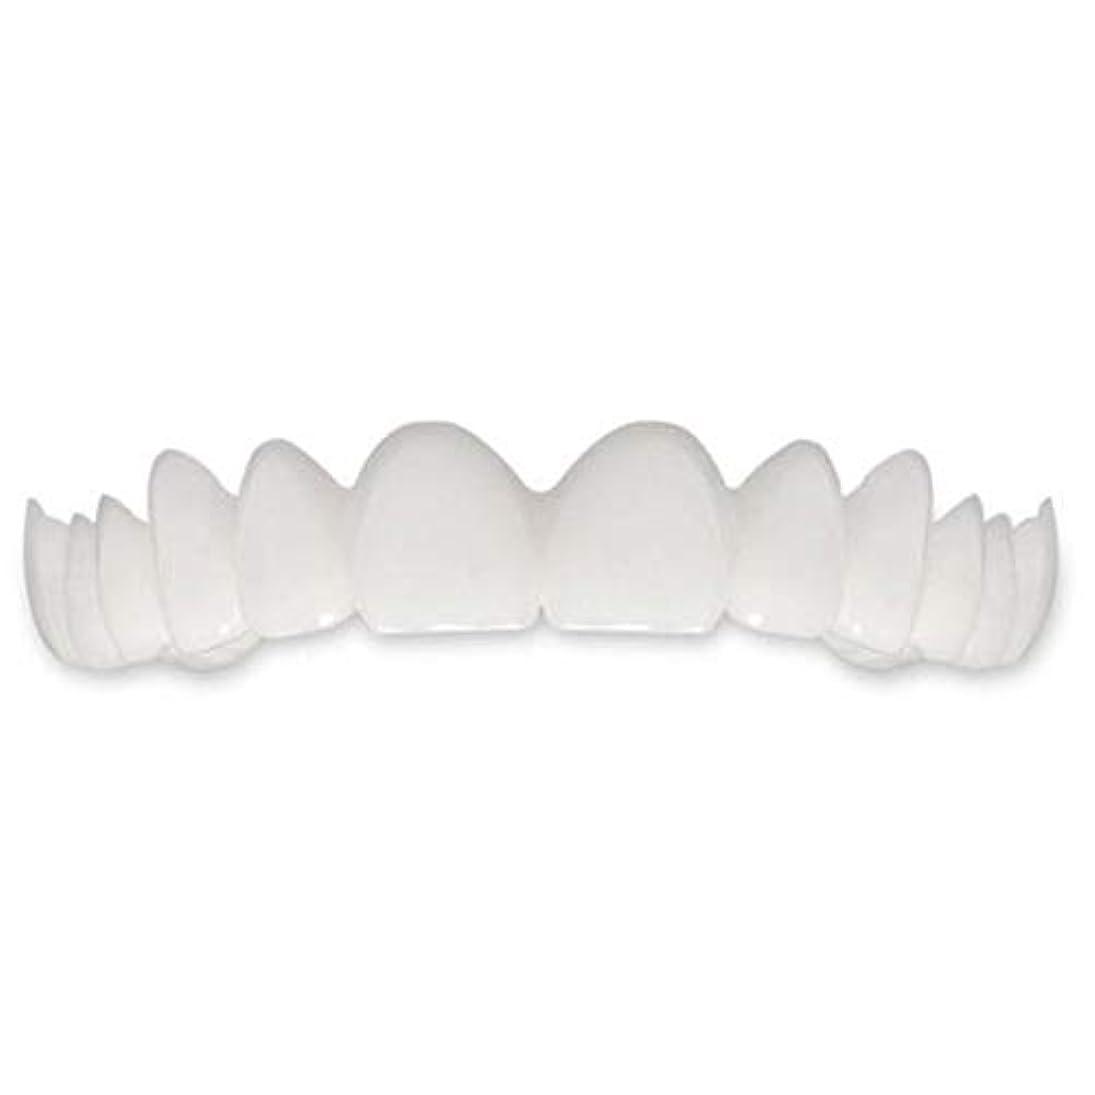 測定可能超えてはちみつ笑顔の偽歯カバーを白くする歯の瞬間の完璧な笑顔フレックス歯 - ホワイト